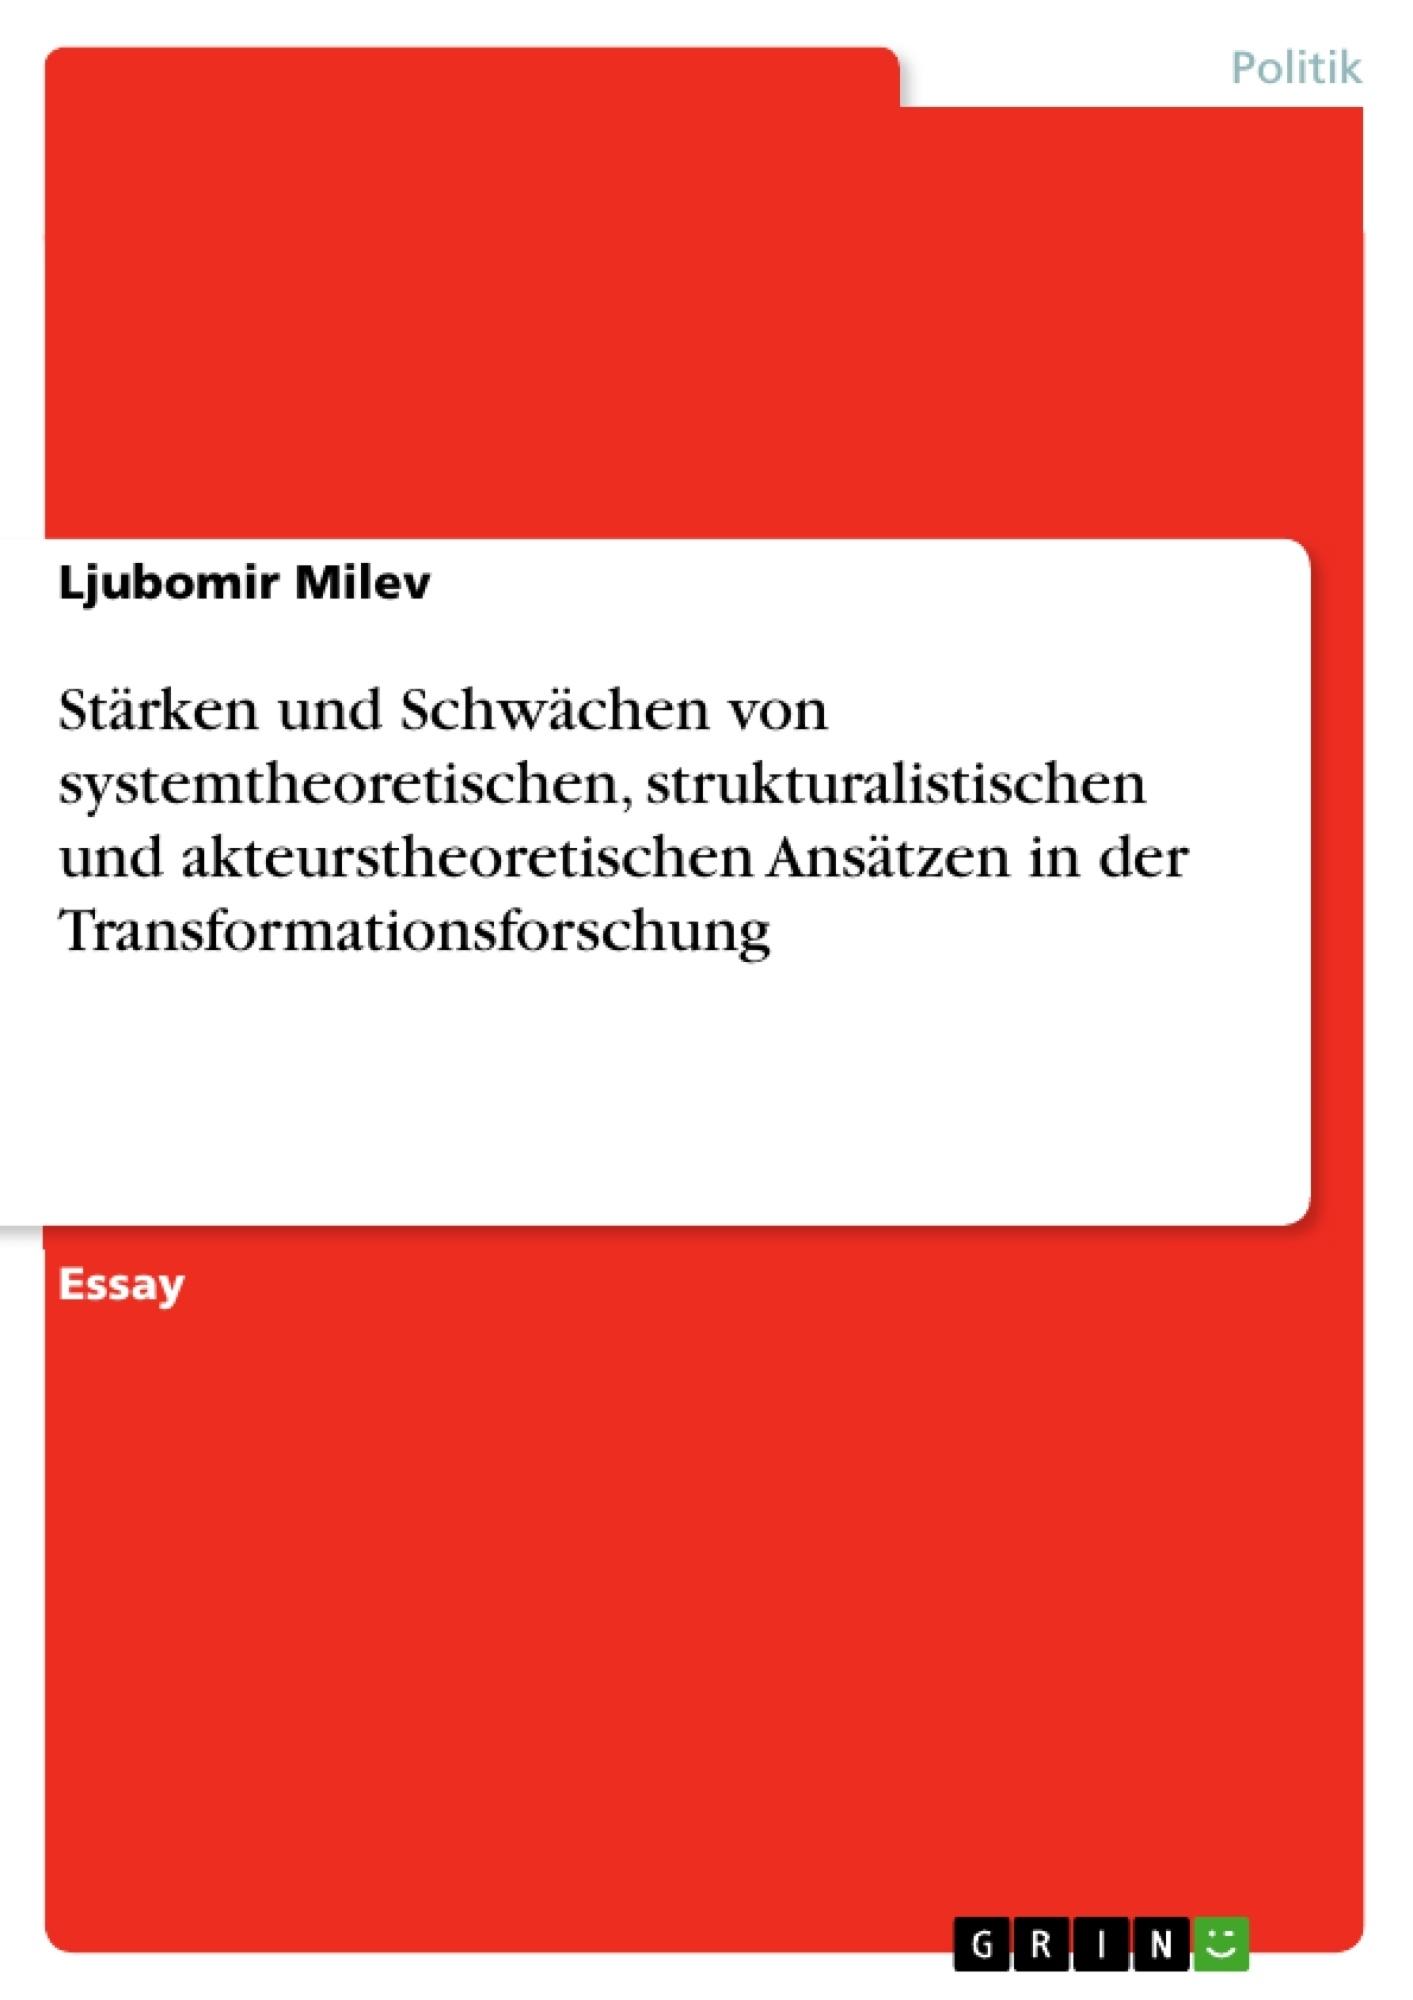 Titel: Stärken und Schwächen von systemtheoretischen, strukturalistischen und akteurstheoretischen Ansätzen in der Transformationsforschung